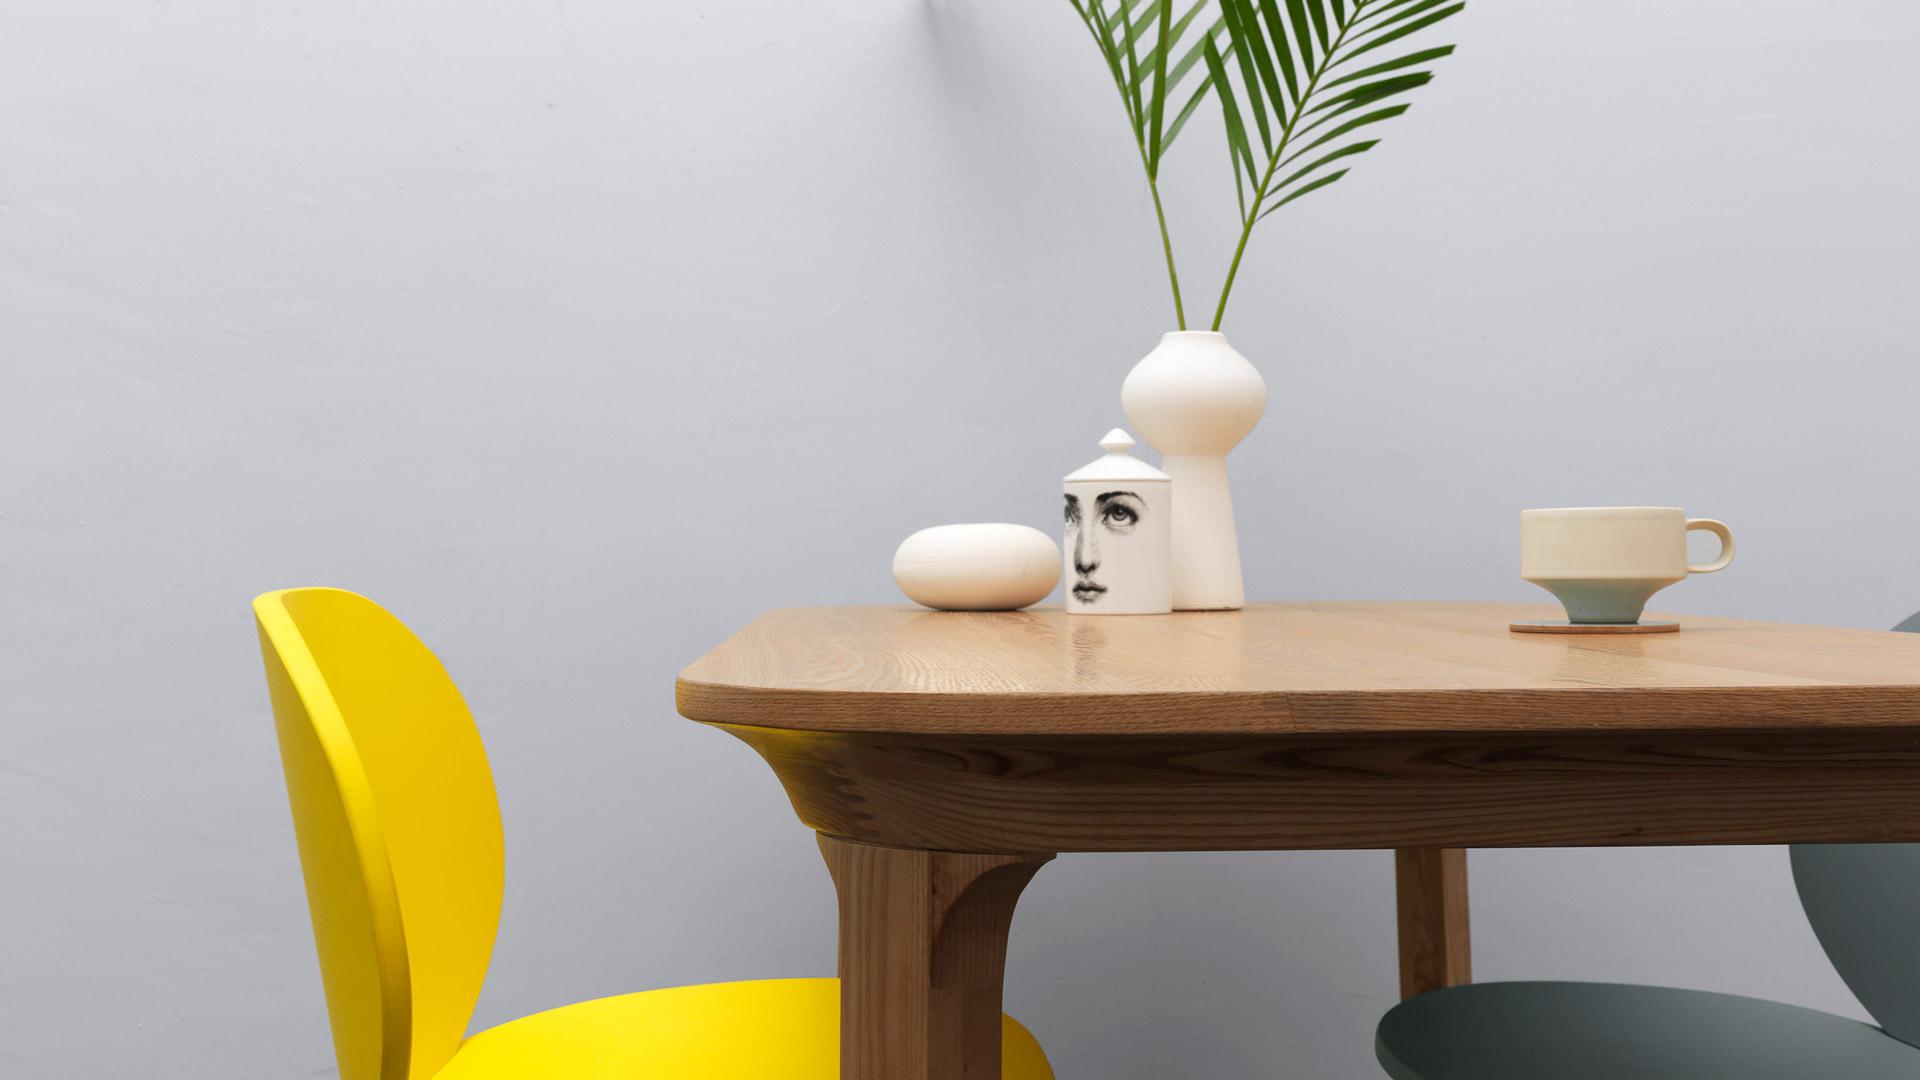 木本色的瓦檐餐桌奠定轻松的自然氛围,一抹柠黄对撞立添轻快气息。这时,只需一杯咖啡,便能实现你对小憩时的全部期许。